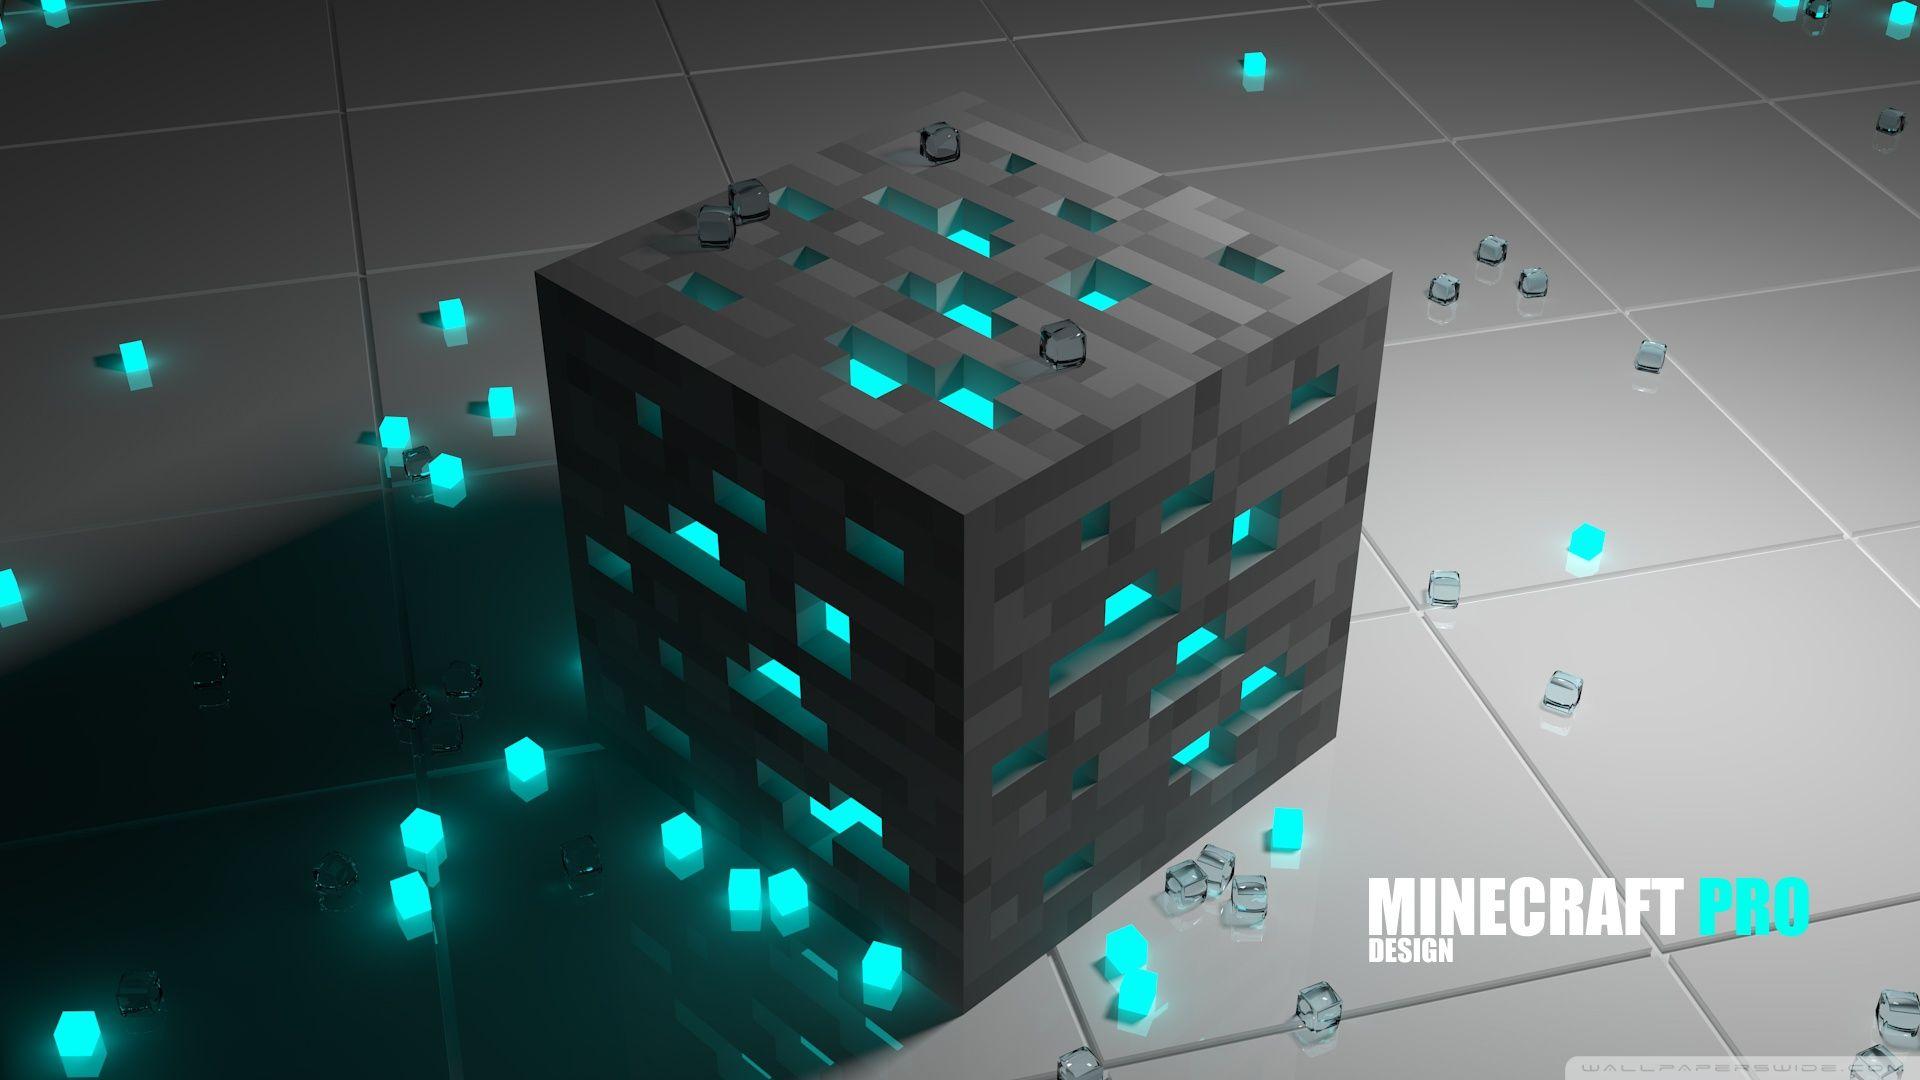 minecraft hd desktop wallpaper widescreen high definition mobile